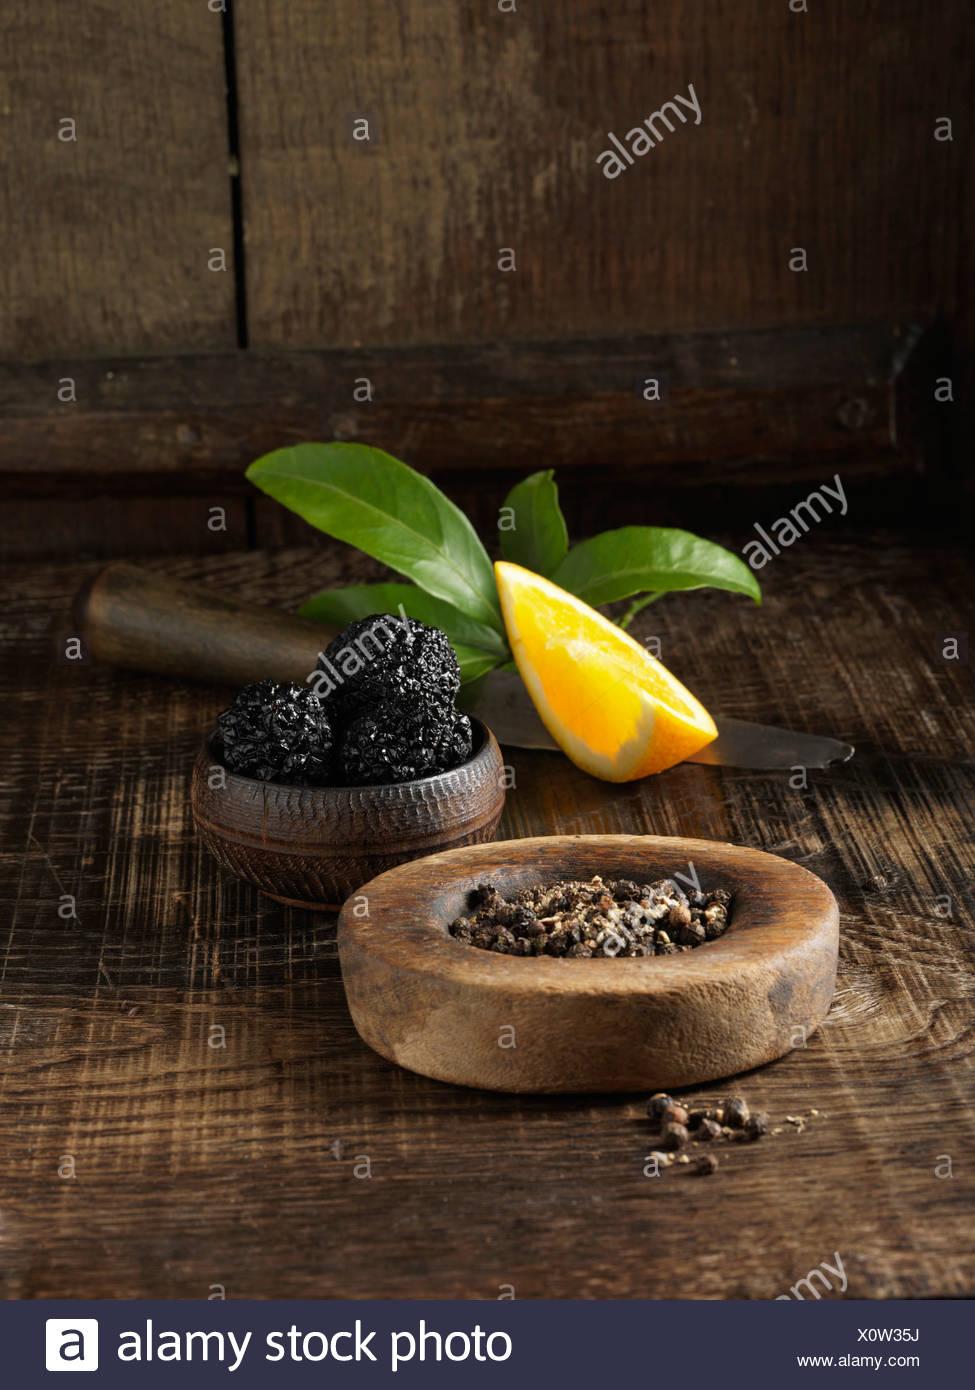 Tartufo nero, chicchi di pepe nero e arancione Foto Stock